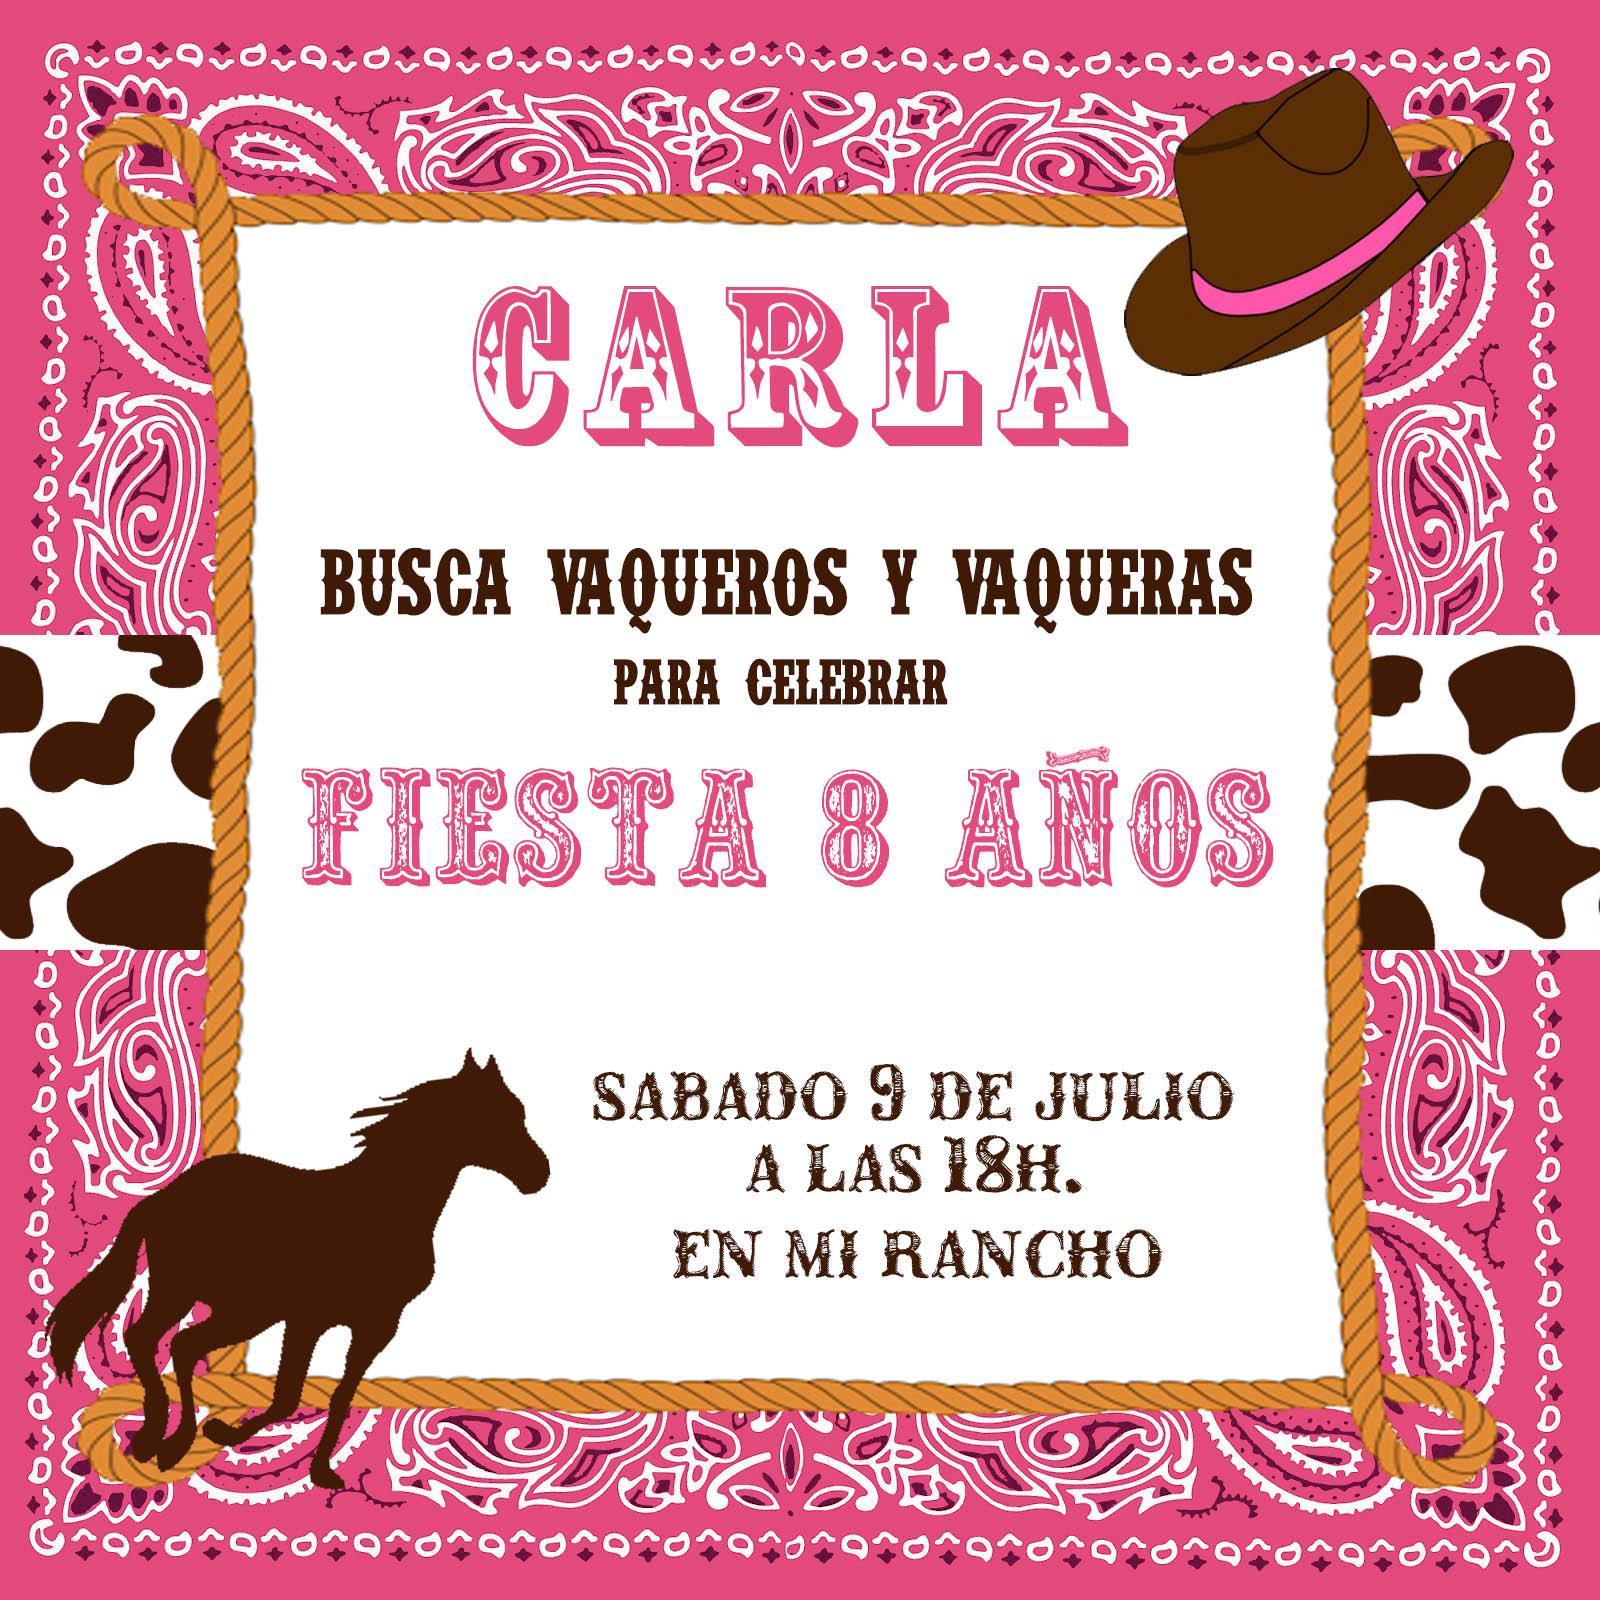 Mardefiesta: Fiesta vaquera-invitacion y preparativos